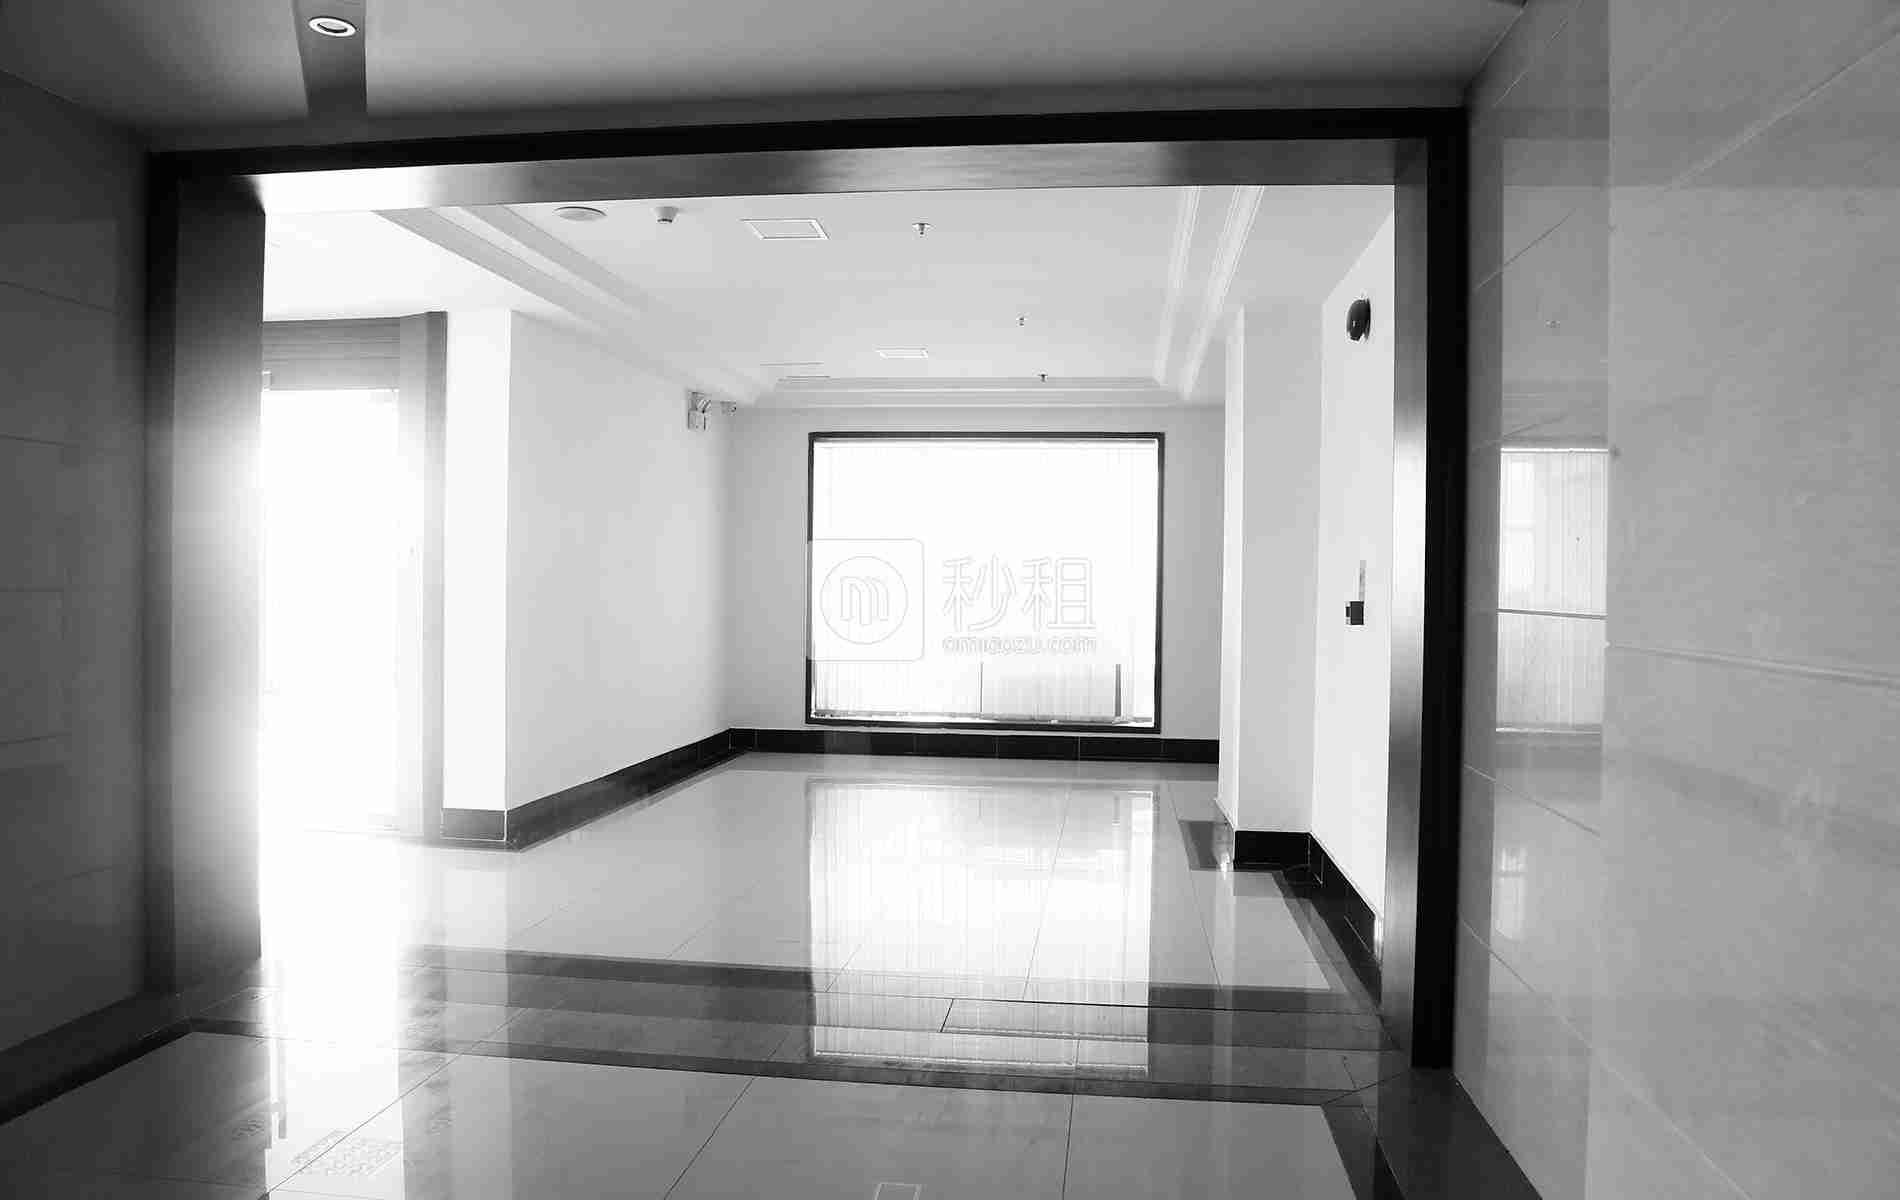 荣群大厦(龙华)写字楼出租/招租/租赁,荣群大厦(龙华)办公室出租/招租/租赁